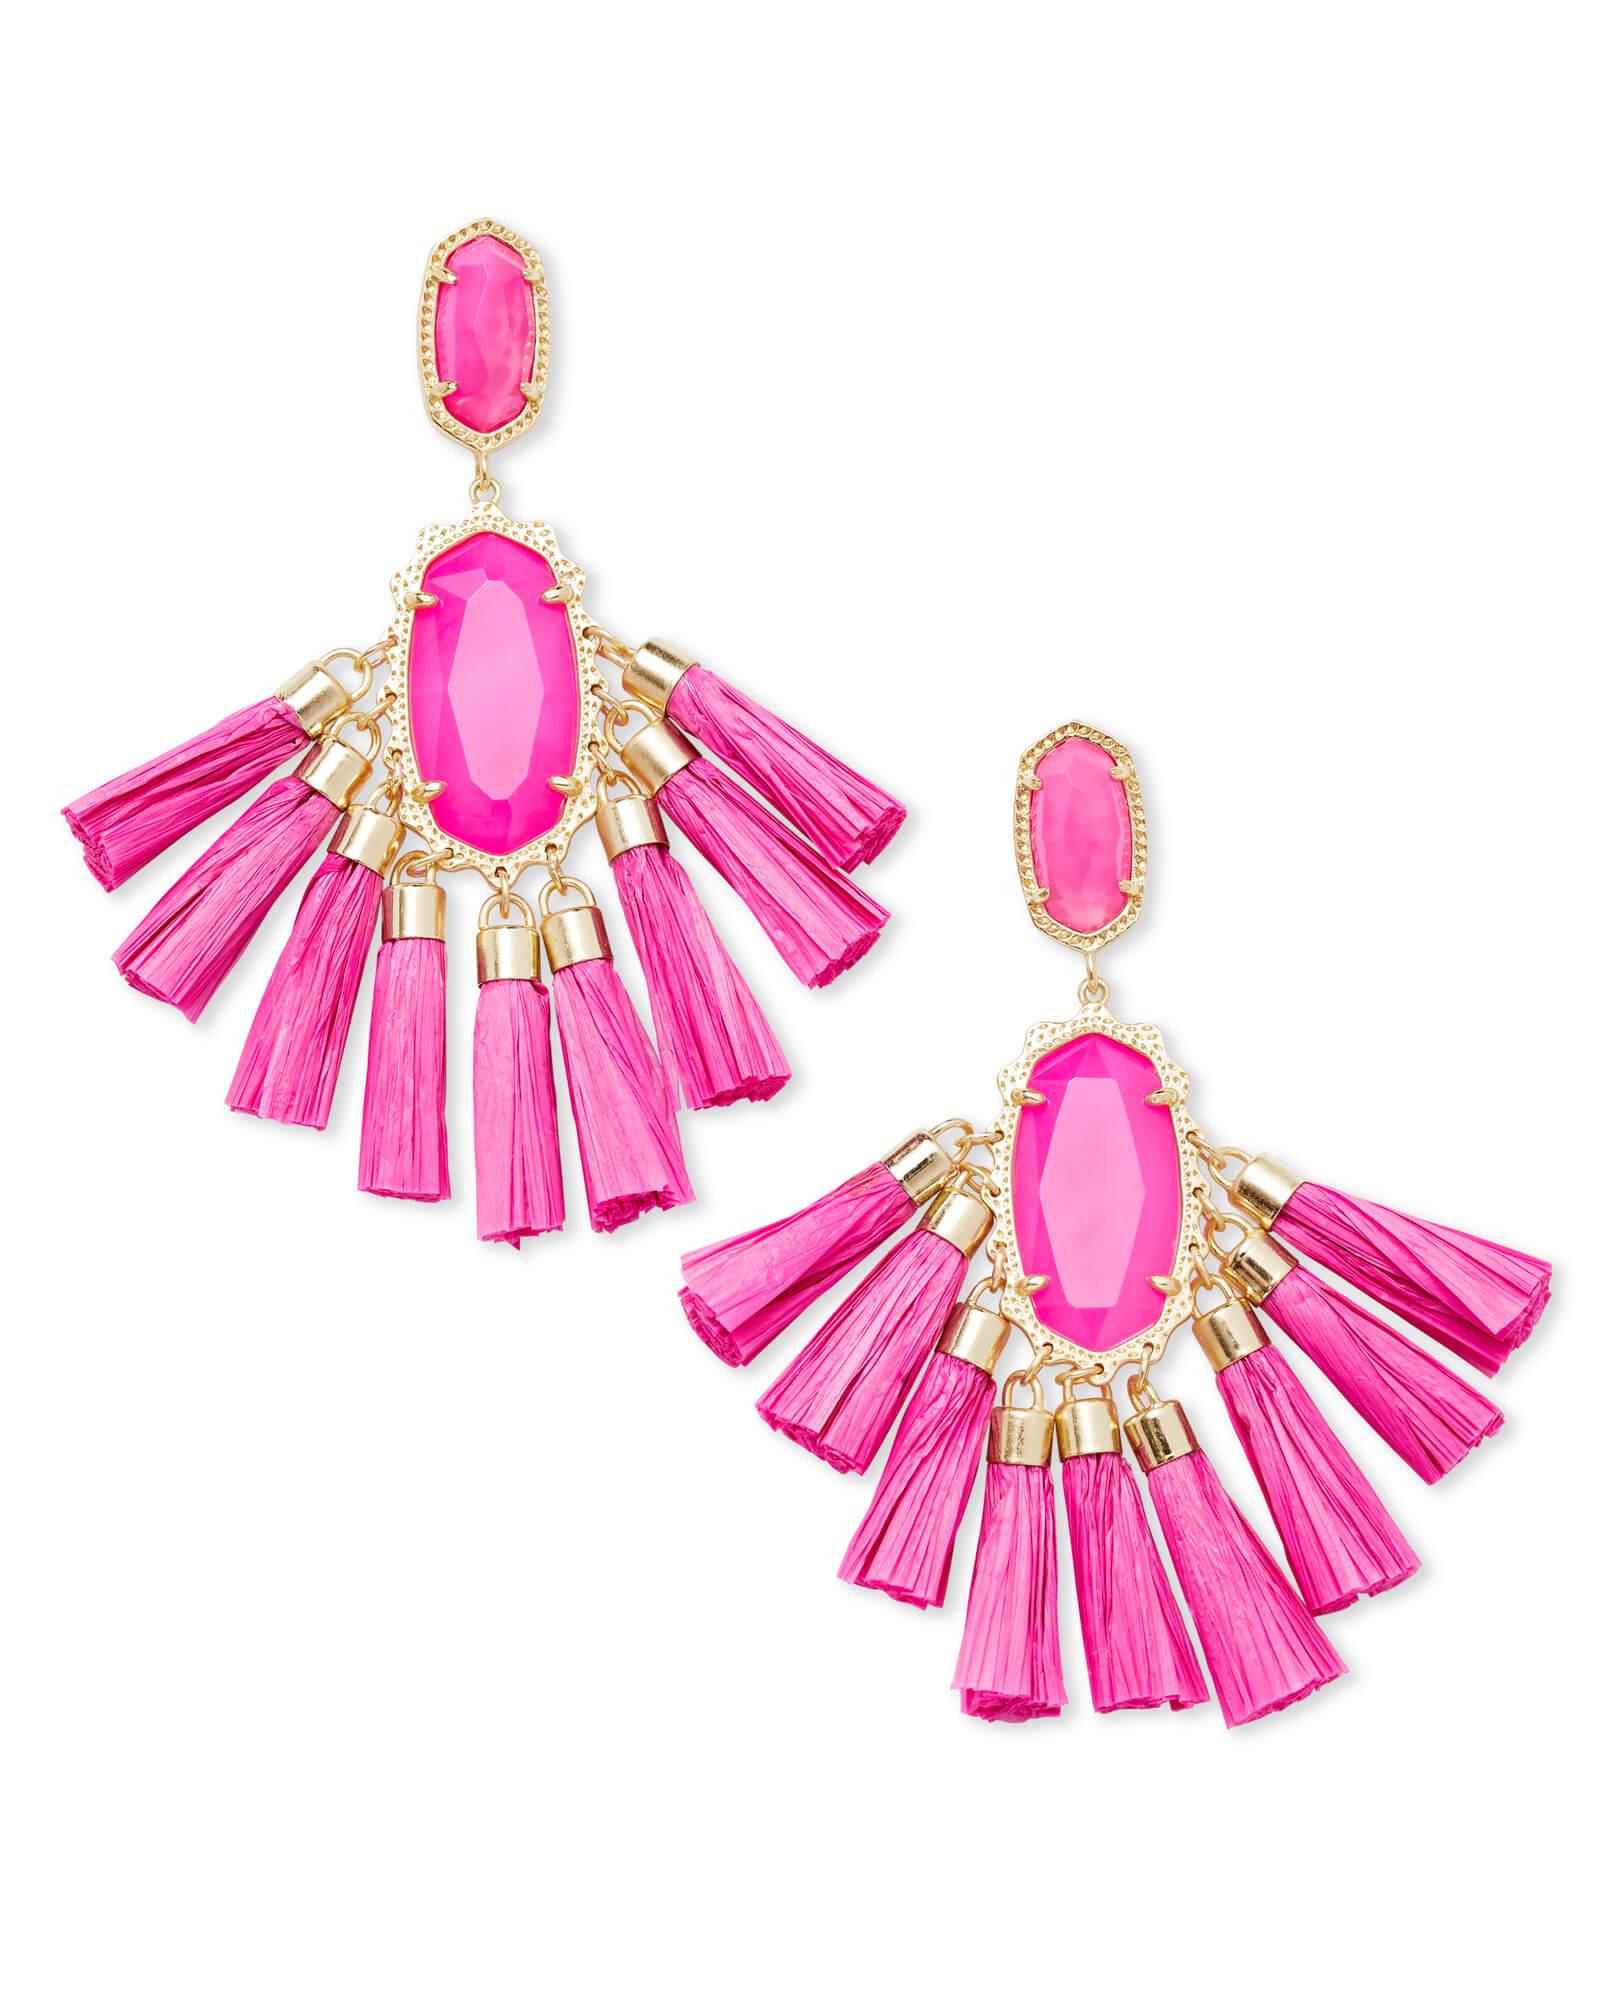 Kristen Gold Statement Earrings In Pink Agate | Kendra Scott